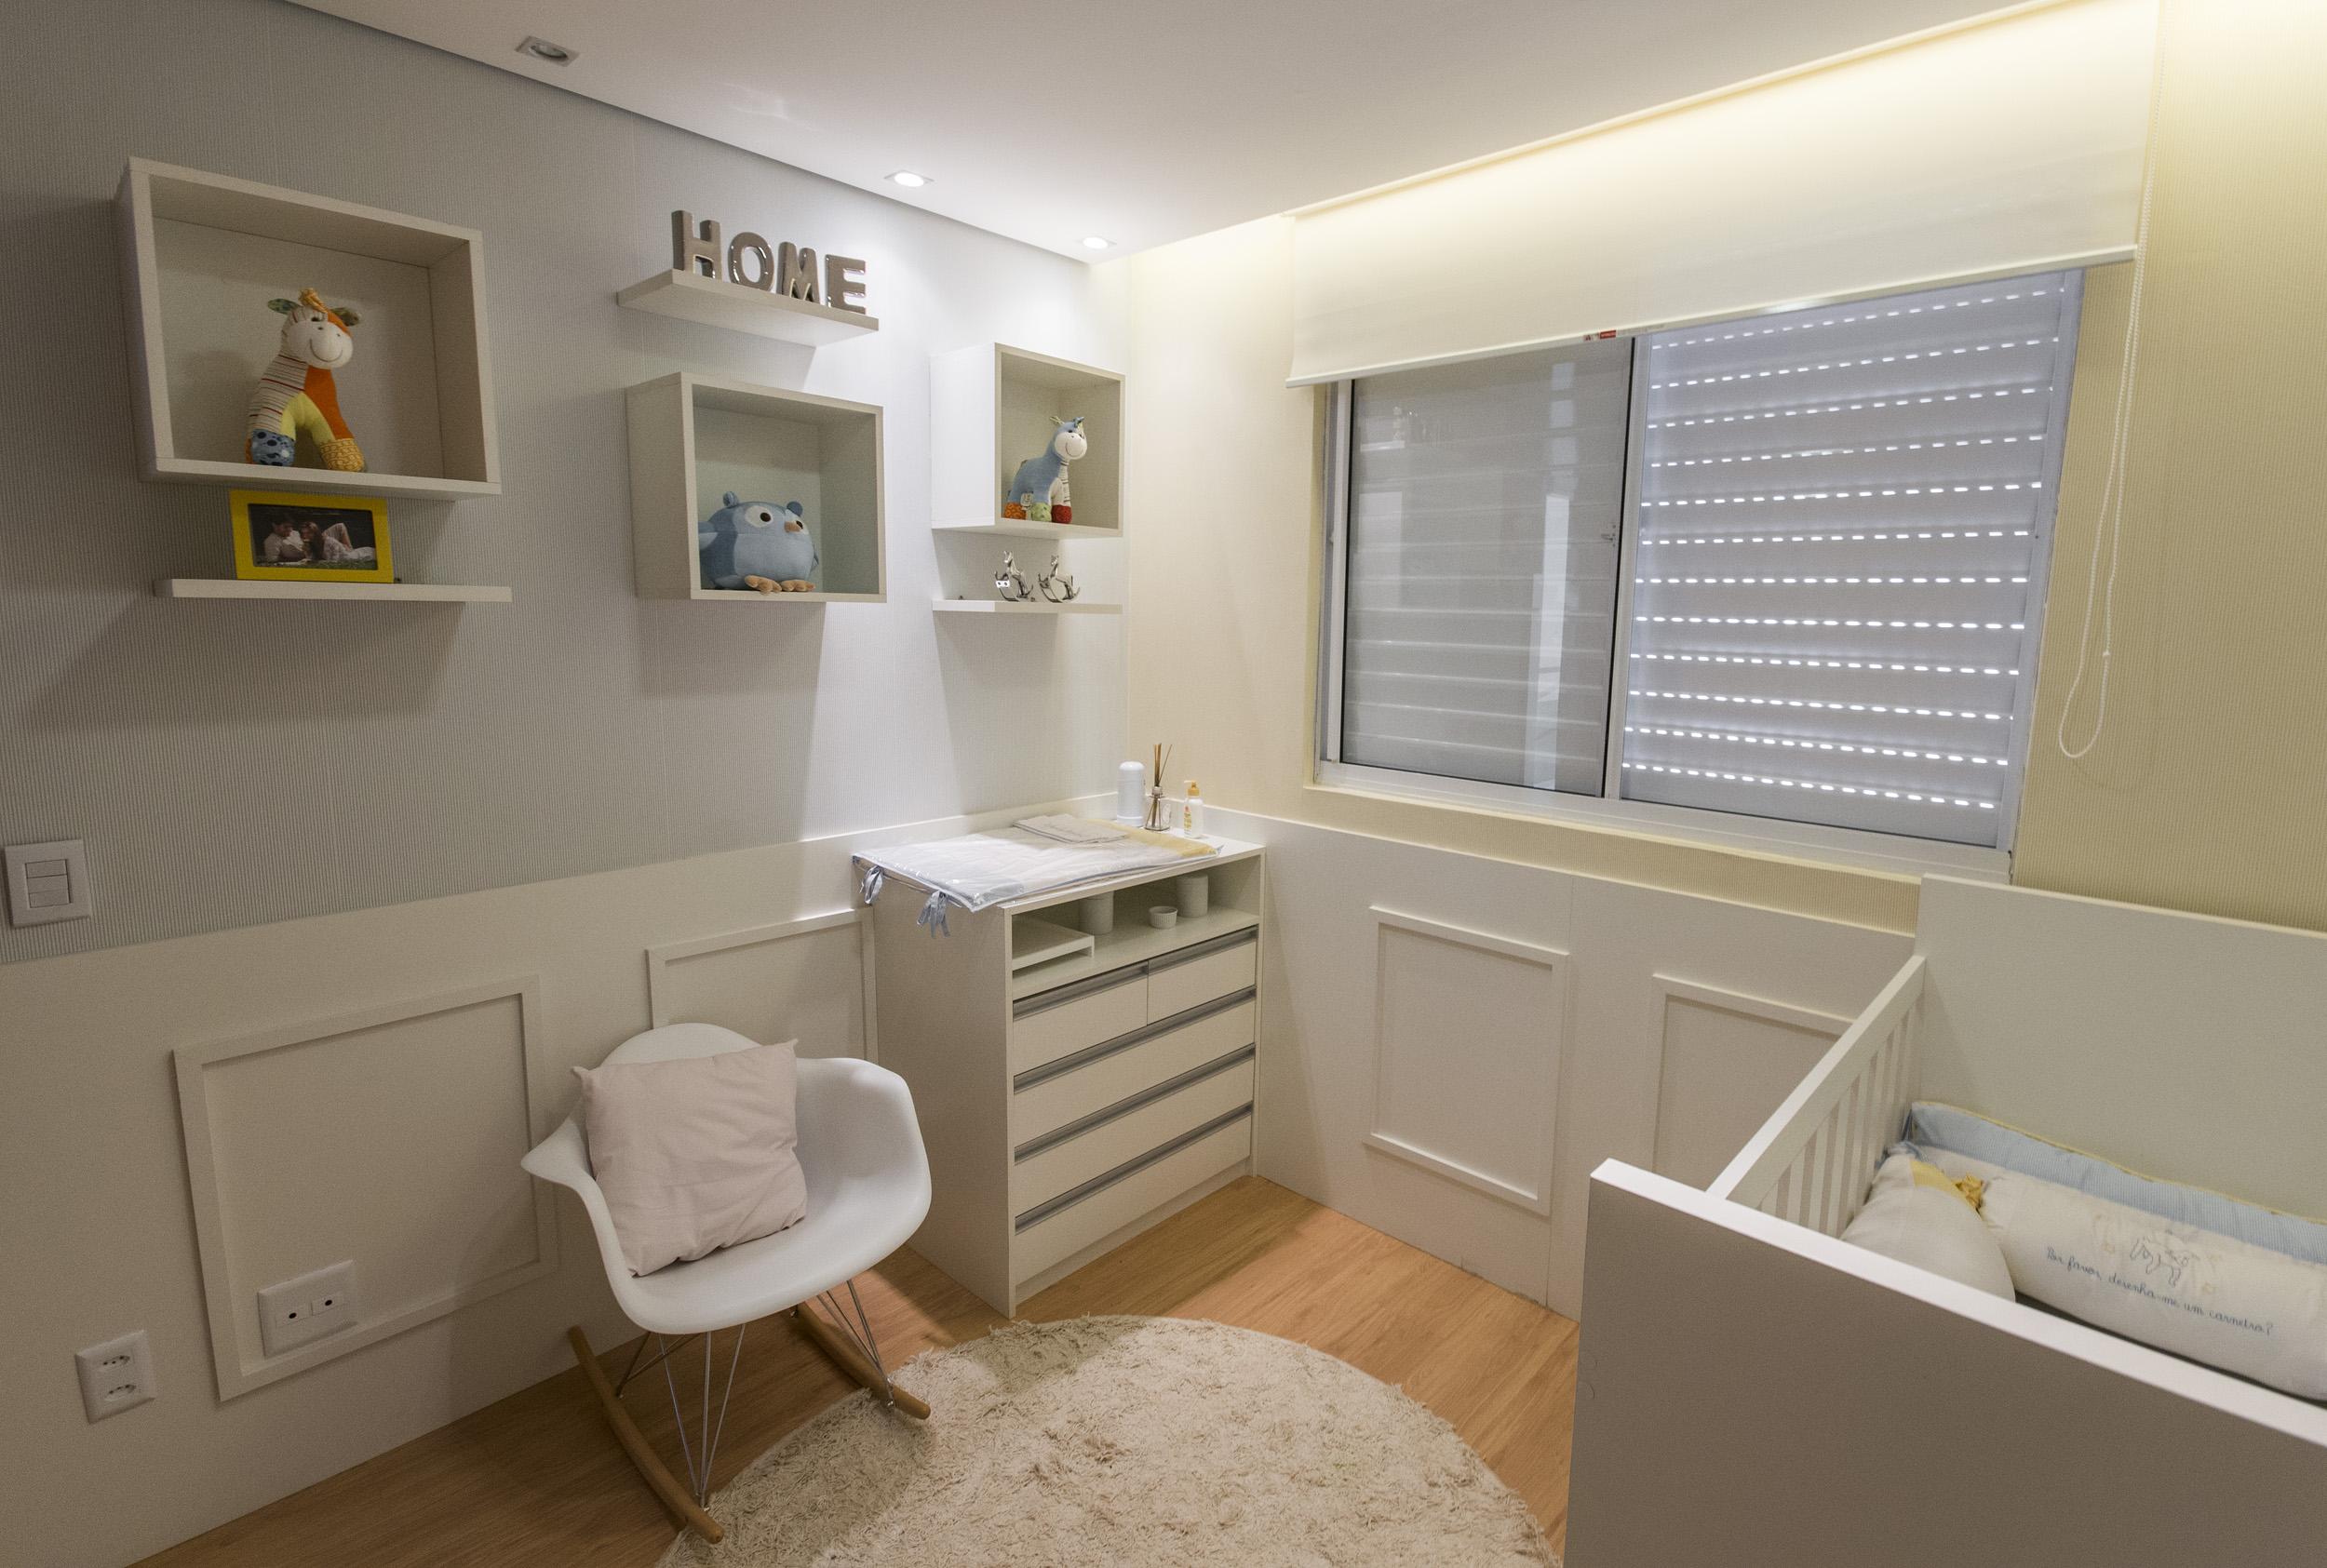 Decore O Quarto Do Beb Gastando Pouco Mrv Engenharia ~ Decoração De Quarto De Bebe Em Apartamento Pequeno